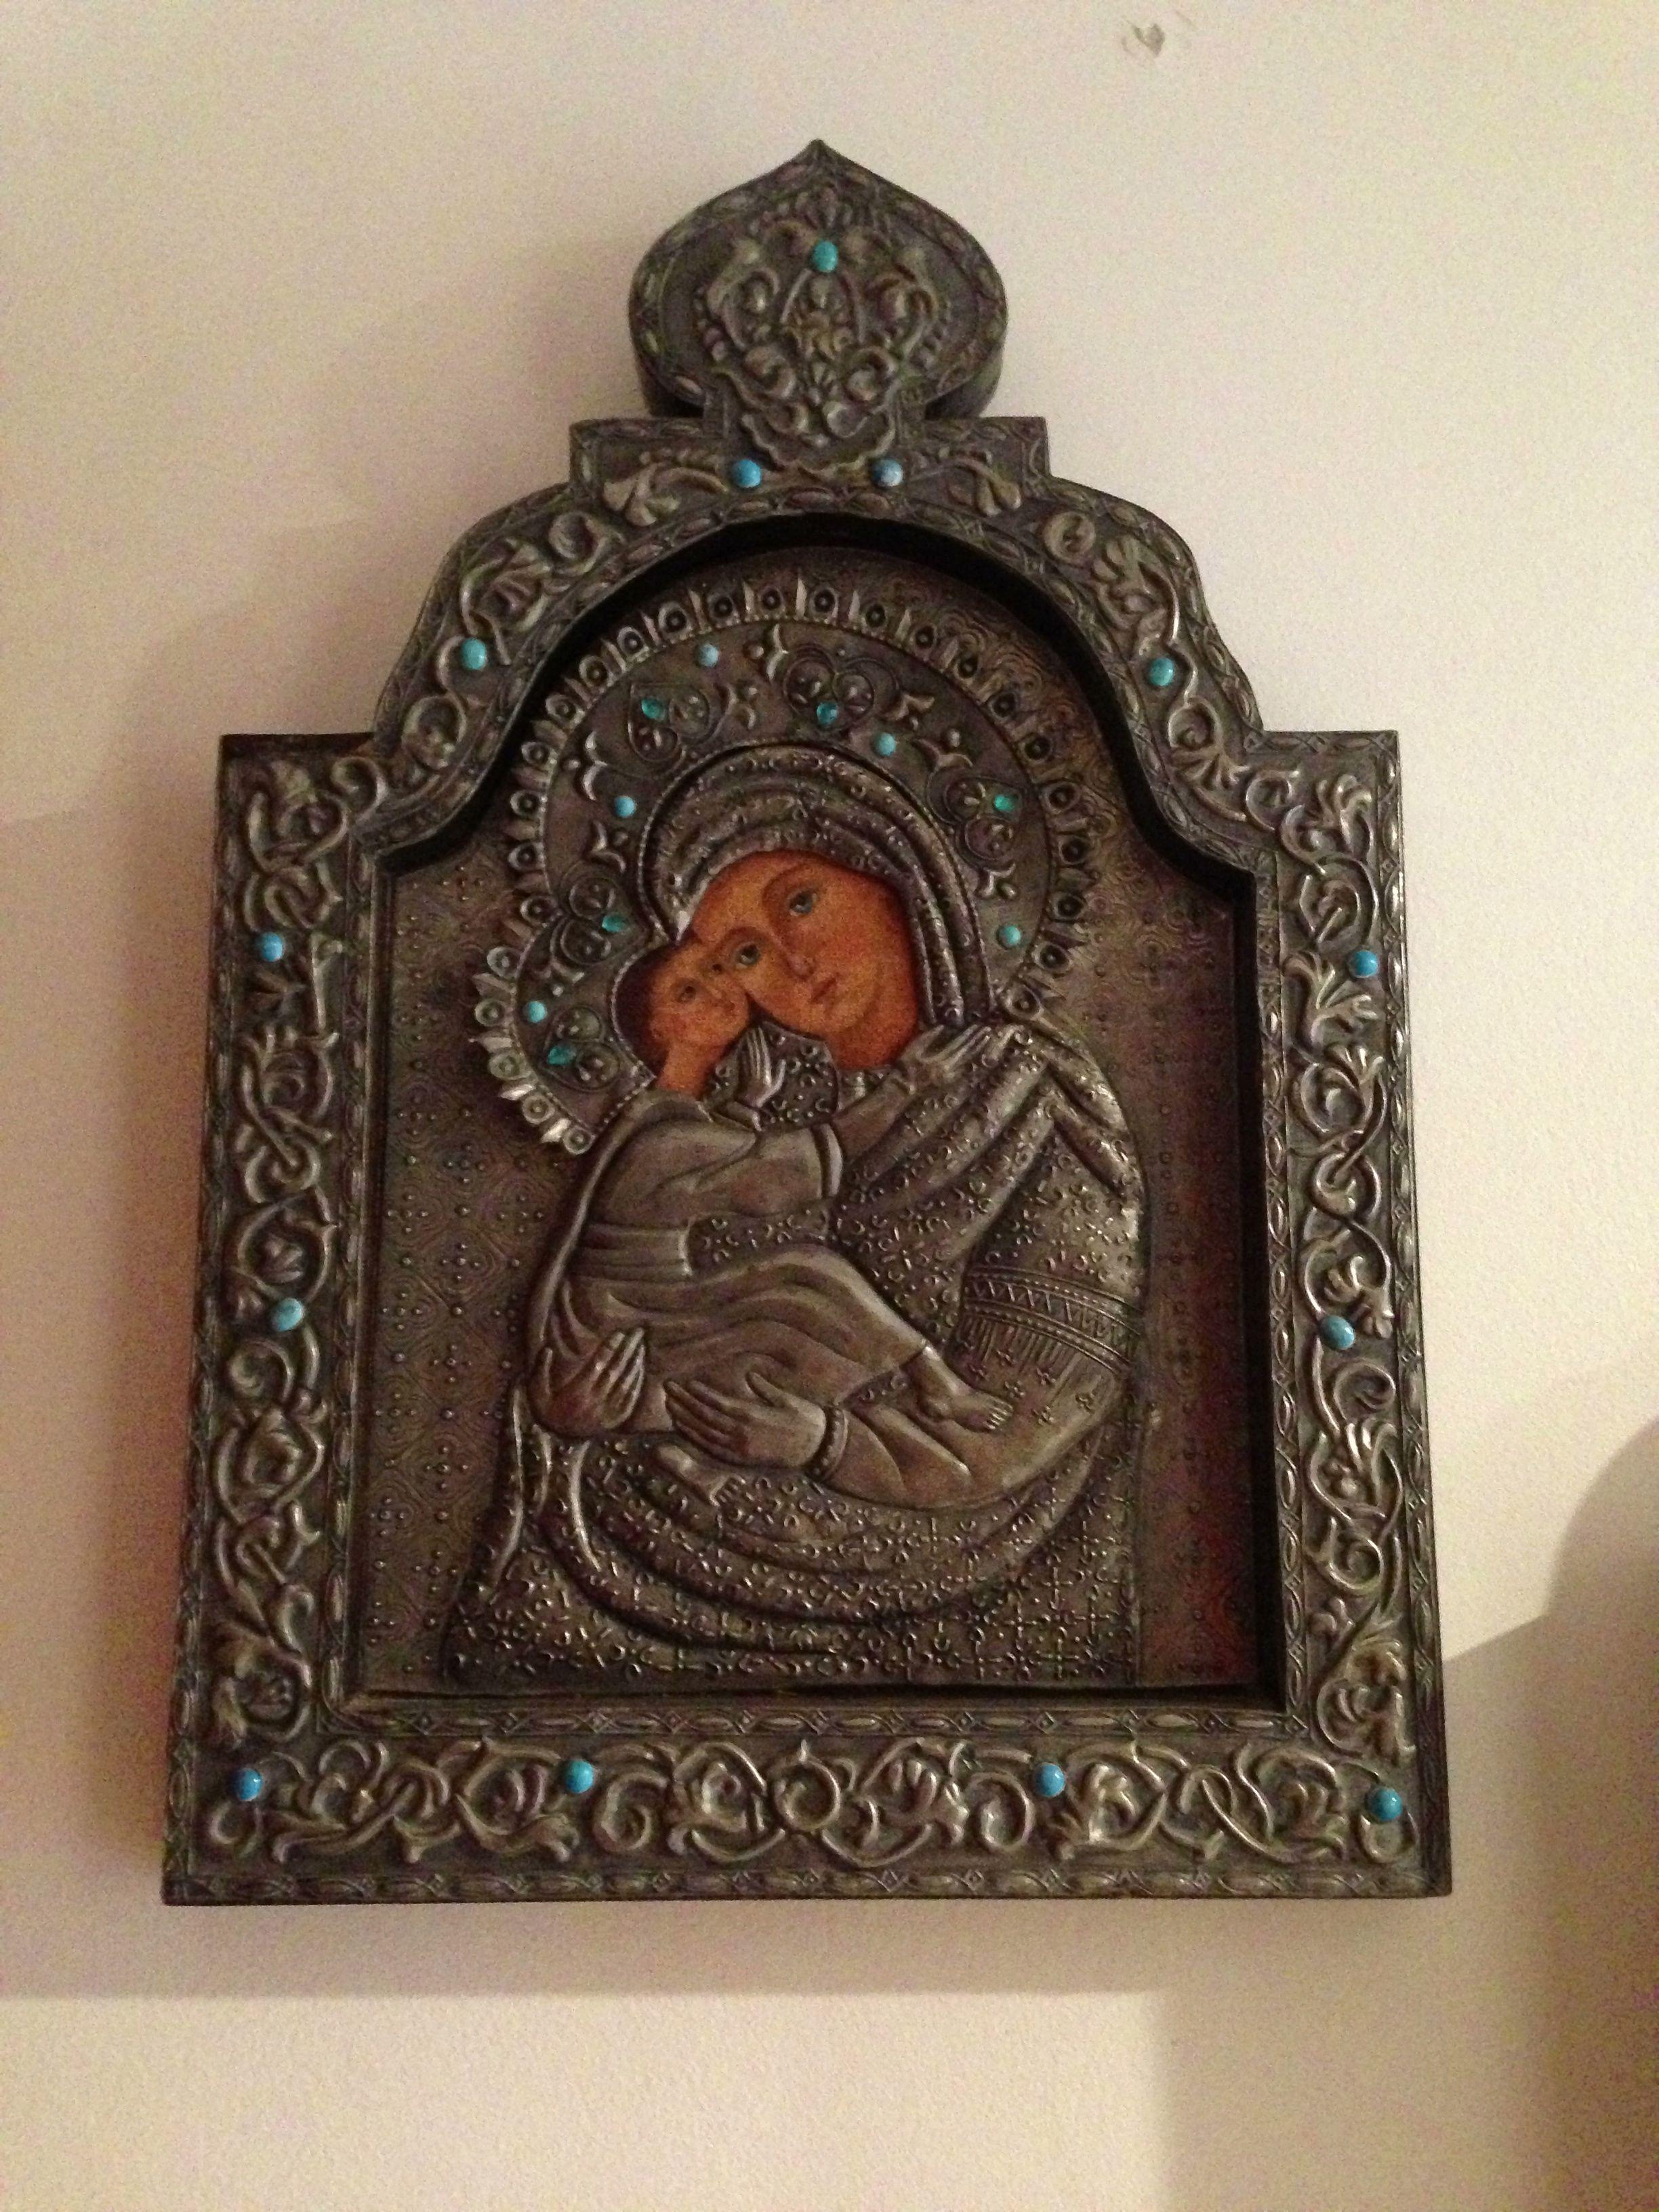 retablo repujado en lamina de estaño con turquesas incrustadas imagen de la madre y el niño por claudia hernandez